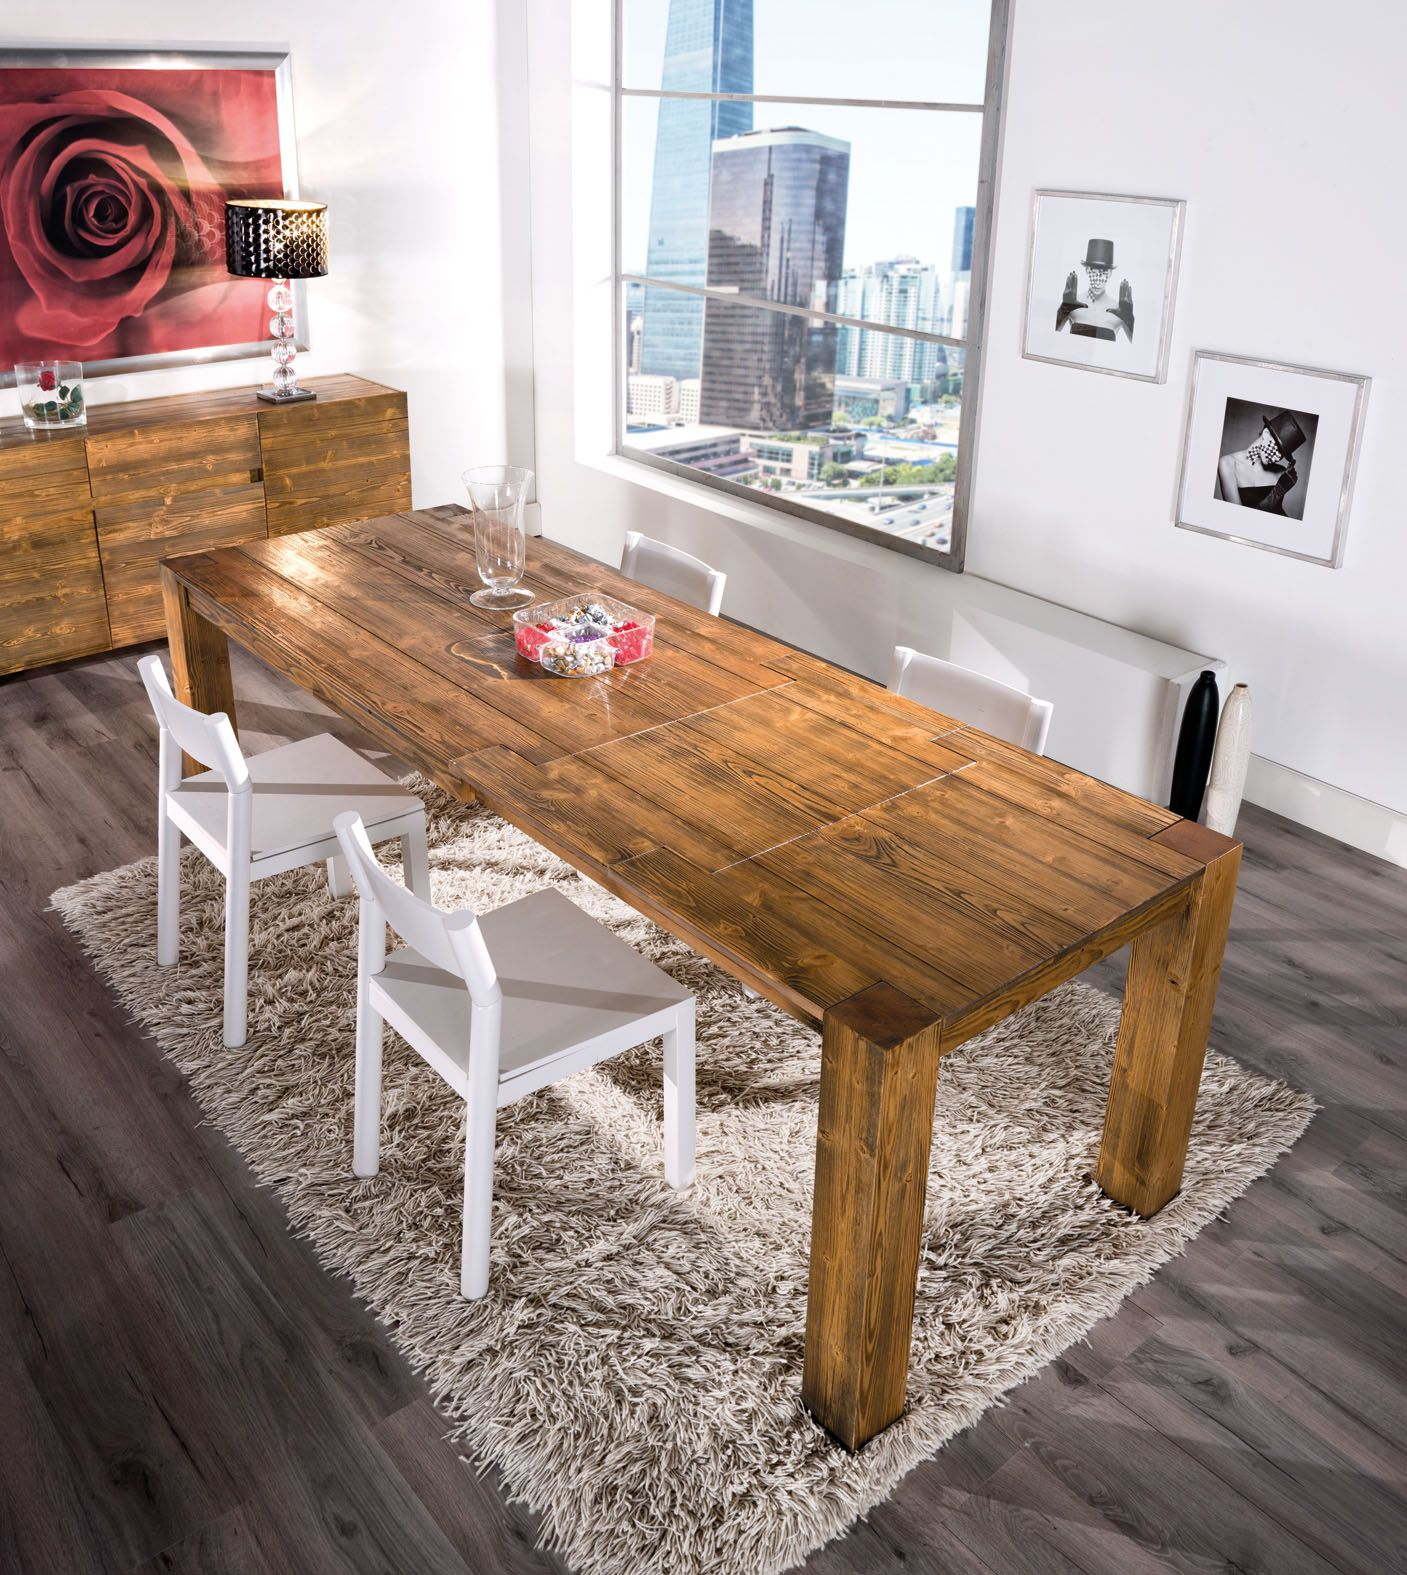 Tavolo legno di abete massello spazzolato. Idee per